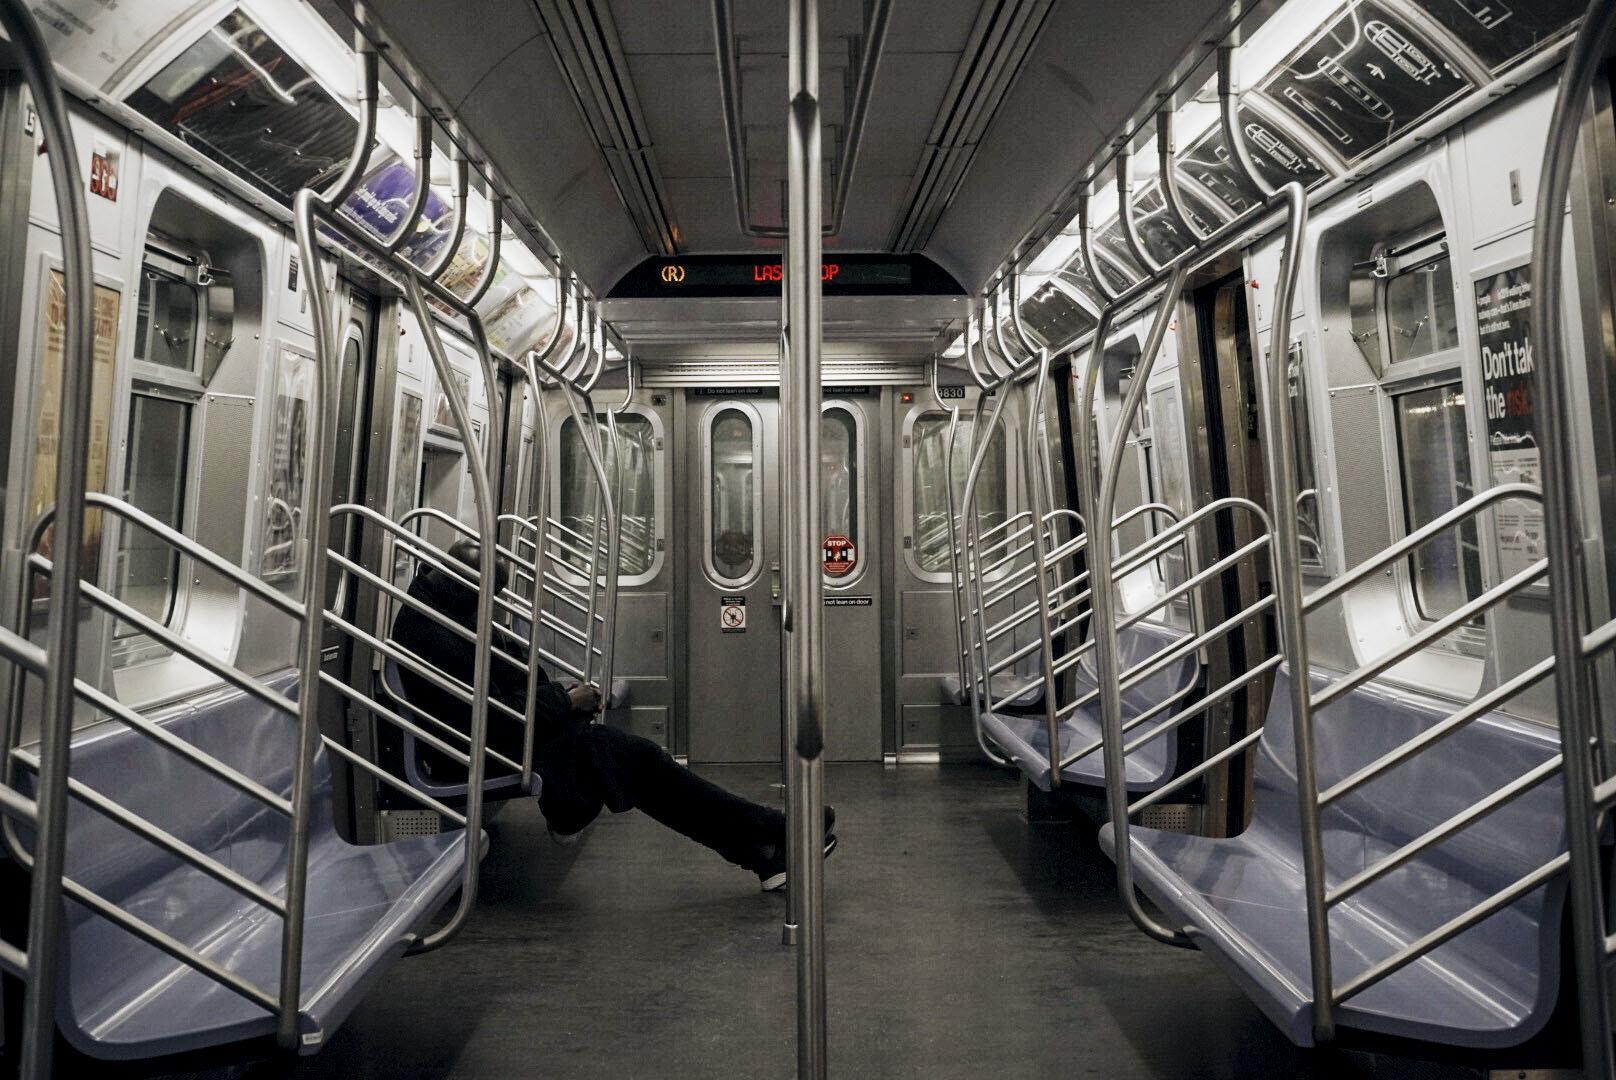 Un solitario pasajero, única presencia en todo un vagón, en la parada del tren R, Forest Hills 71Av. Eduardo Say